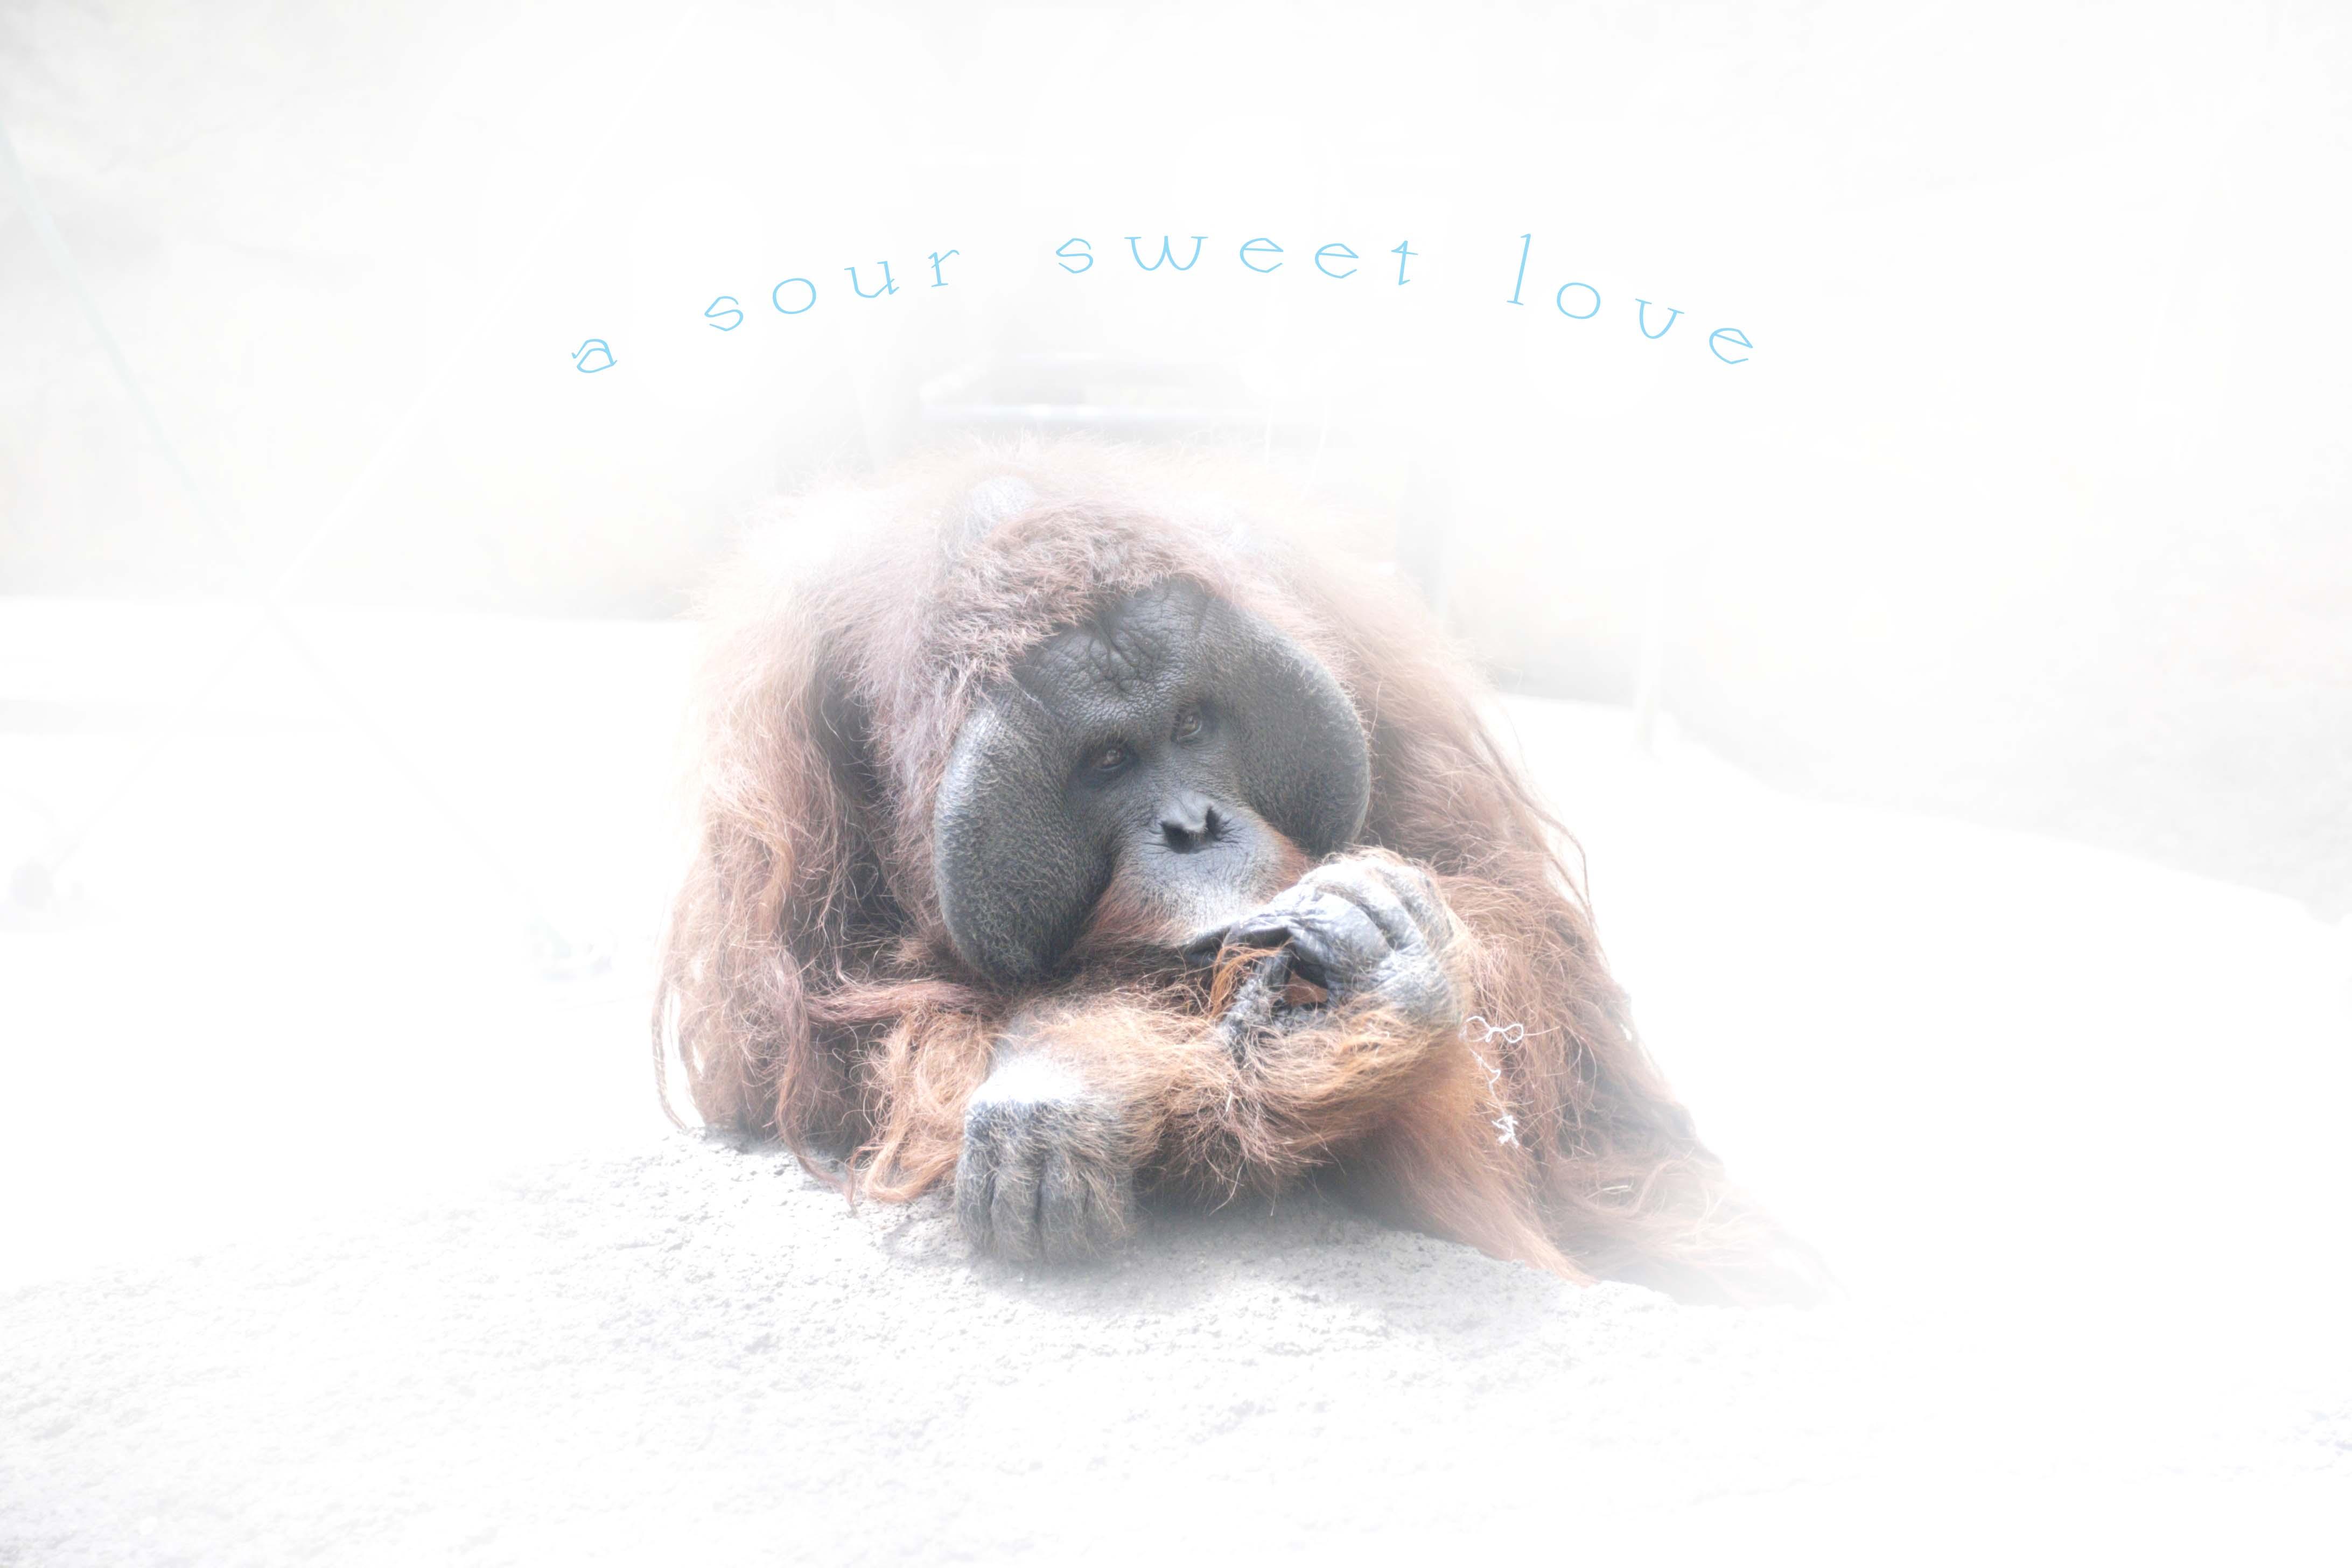 多摩動物園のオランウータン_c0222817_2011963.jpg